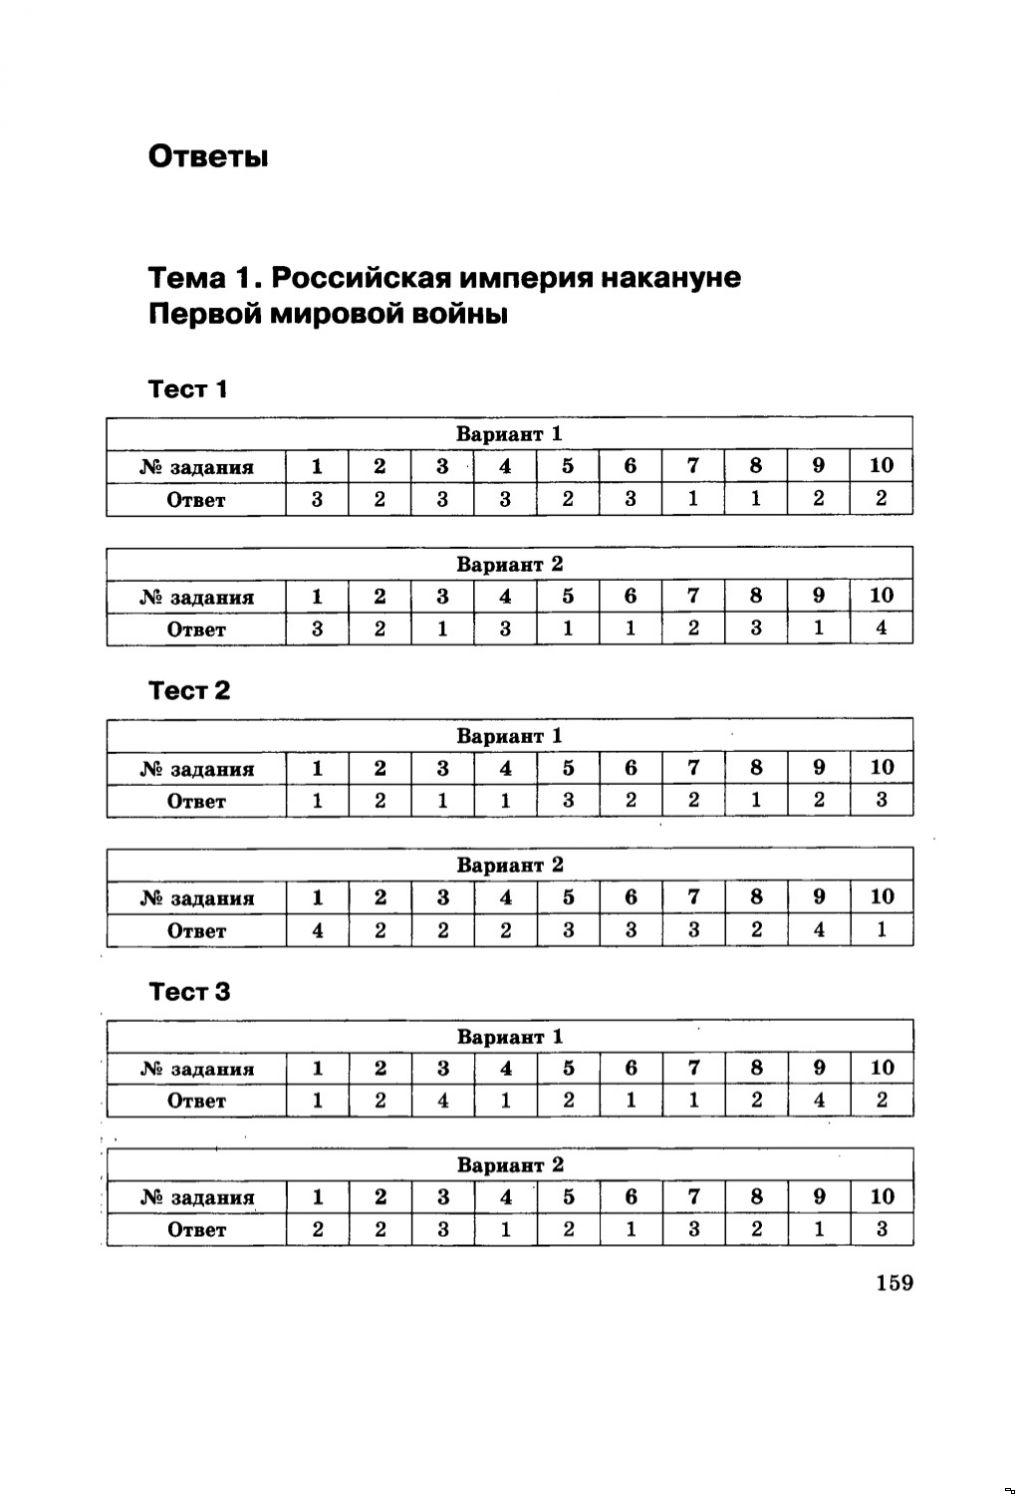 Гдз по истории отечества класс н.в загладин